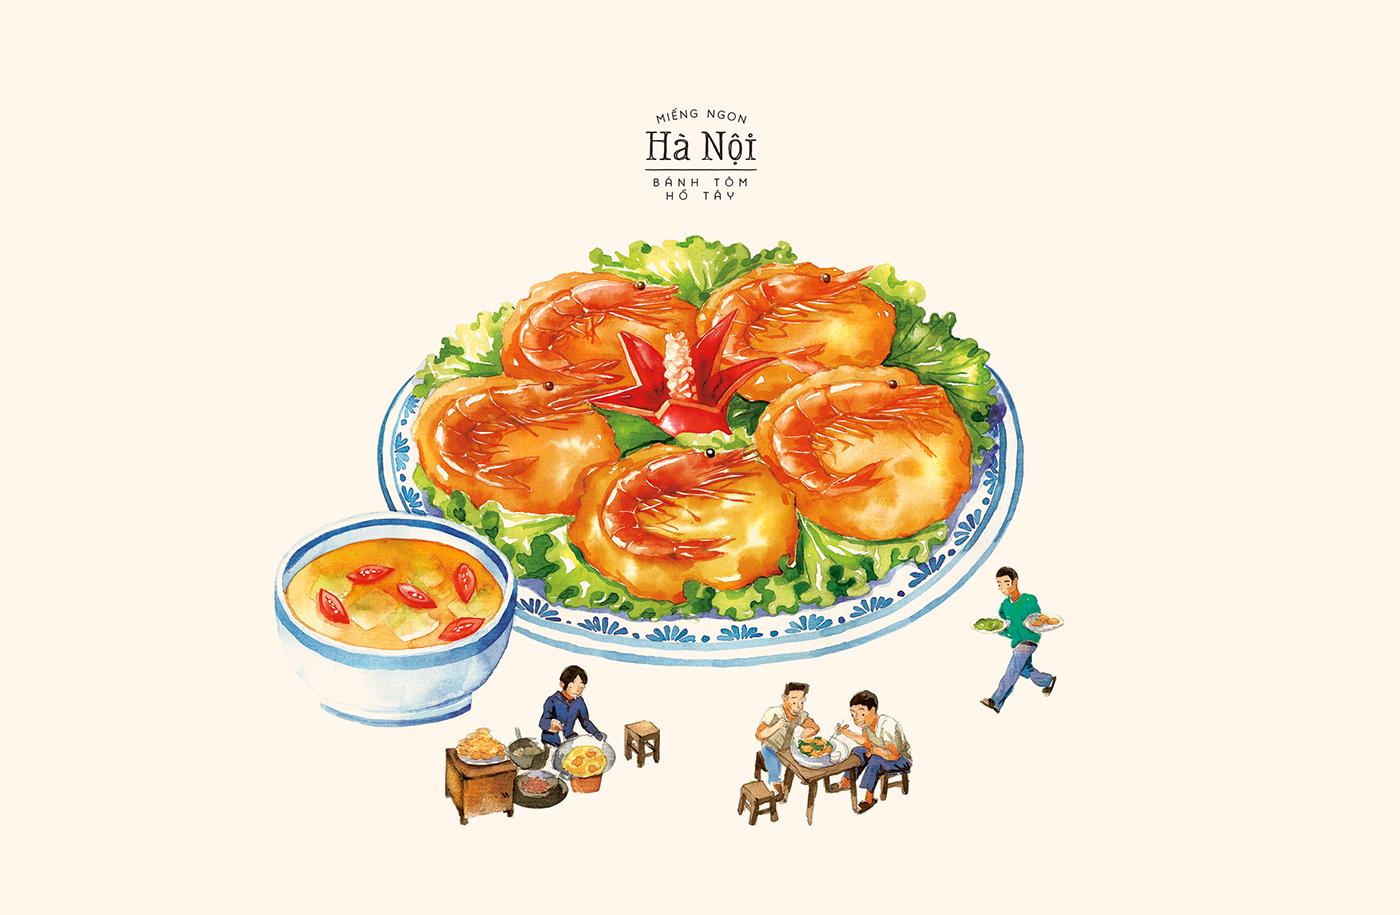 A-taste-of-hanoi-03